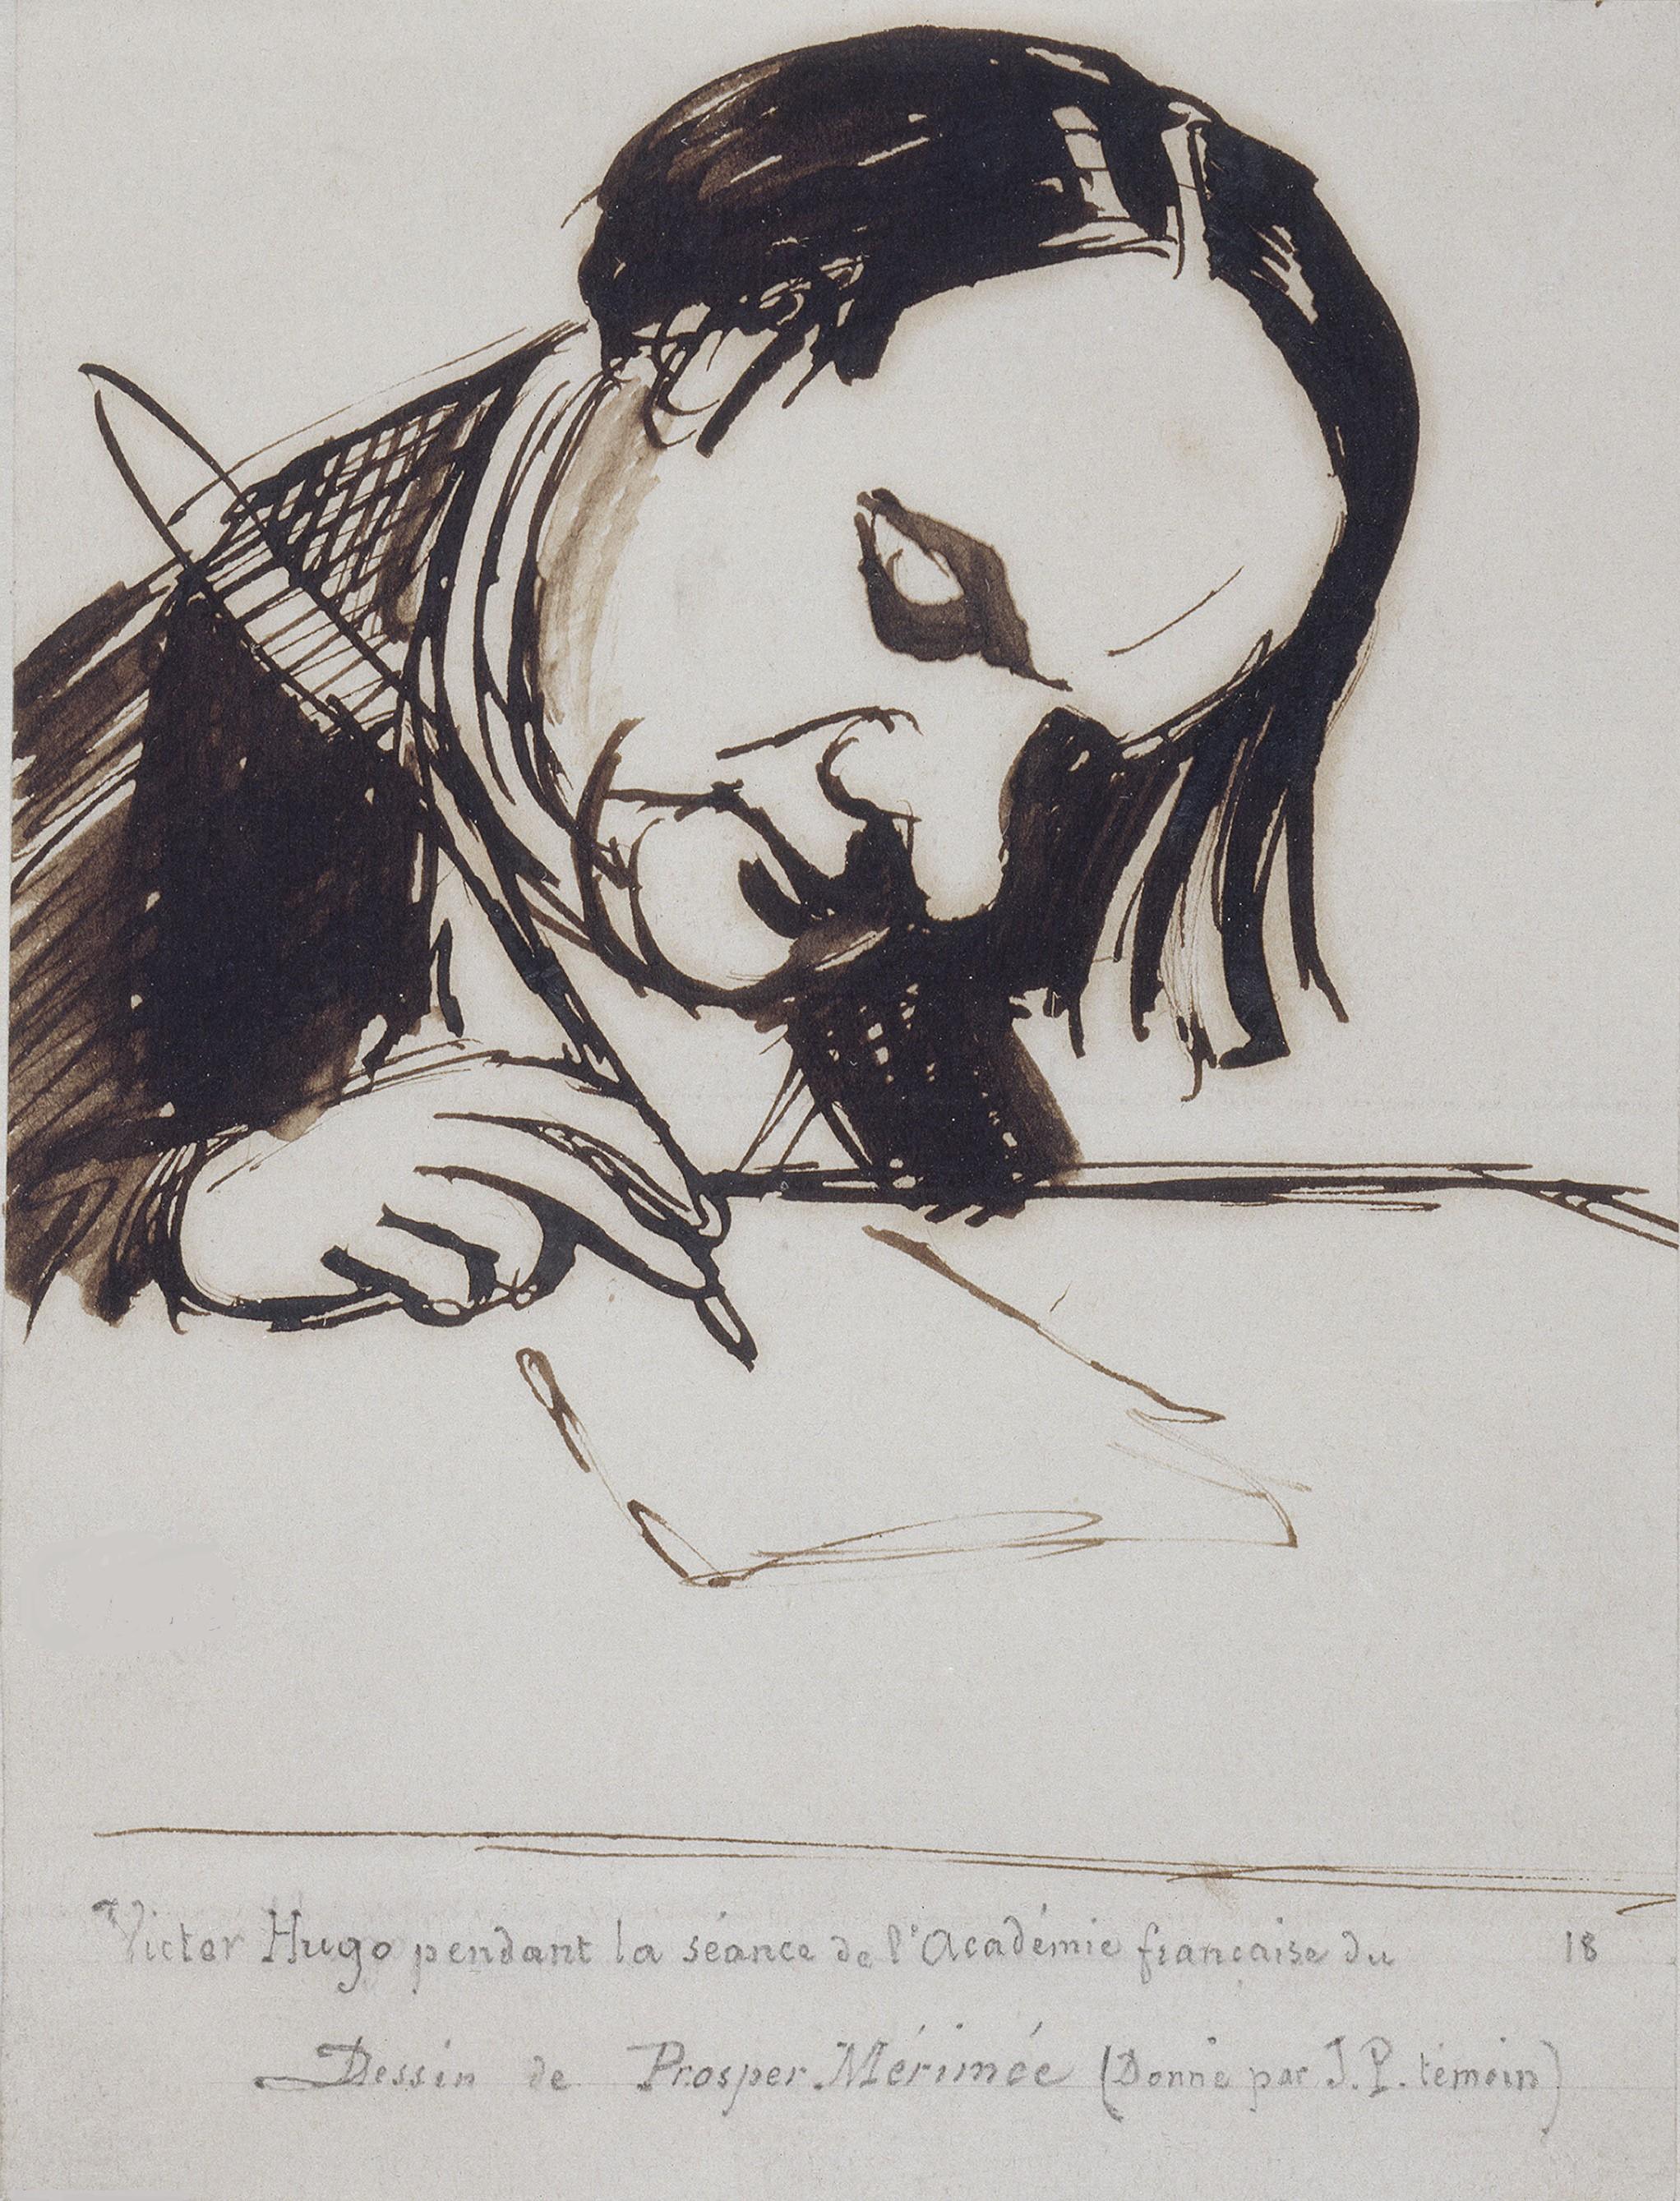 File:Victor Hugo, dessin de Mérimée.jpg